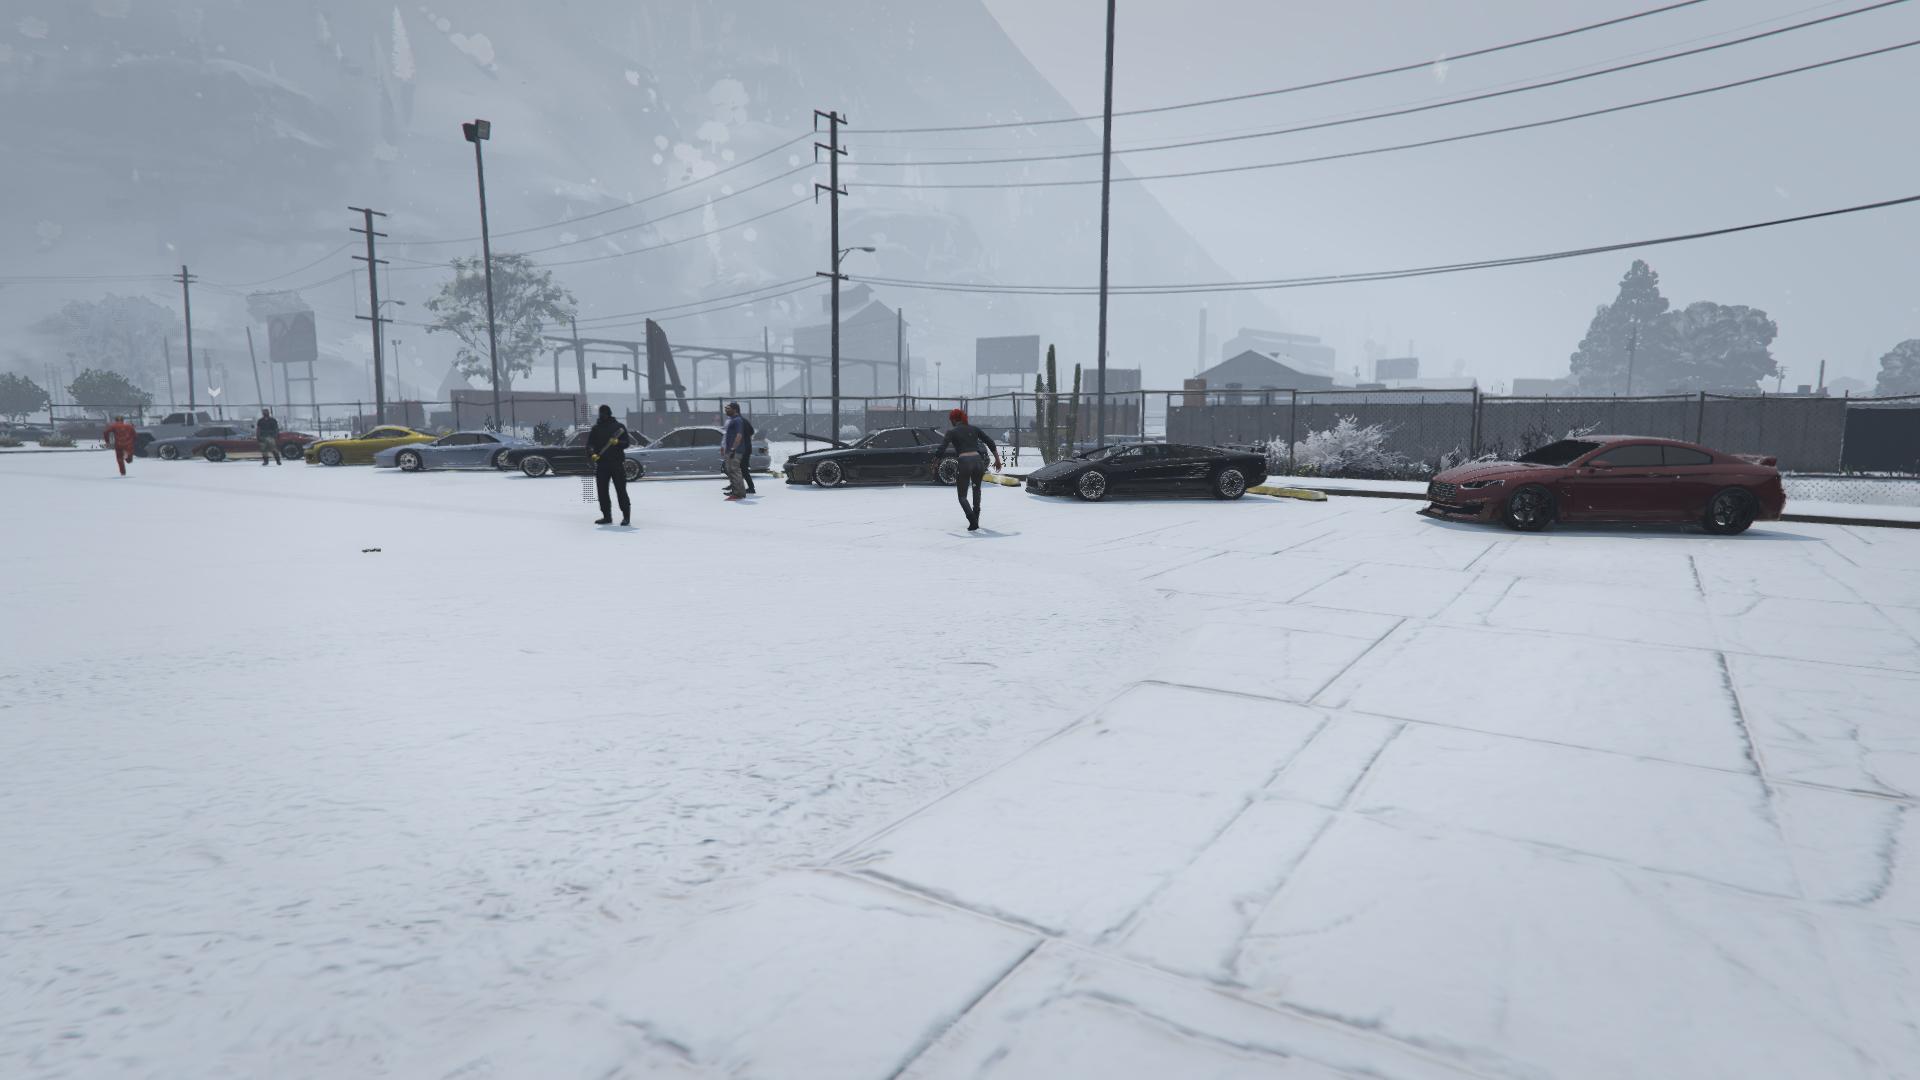 Grand_Theft_Auto_V_Screenshot_2020.12.22